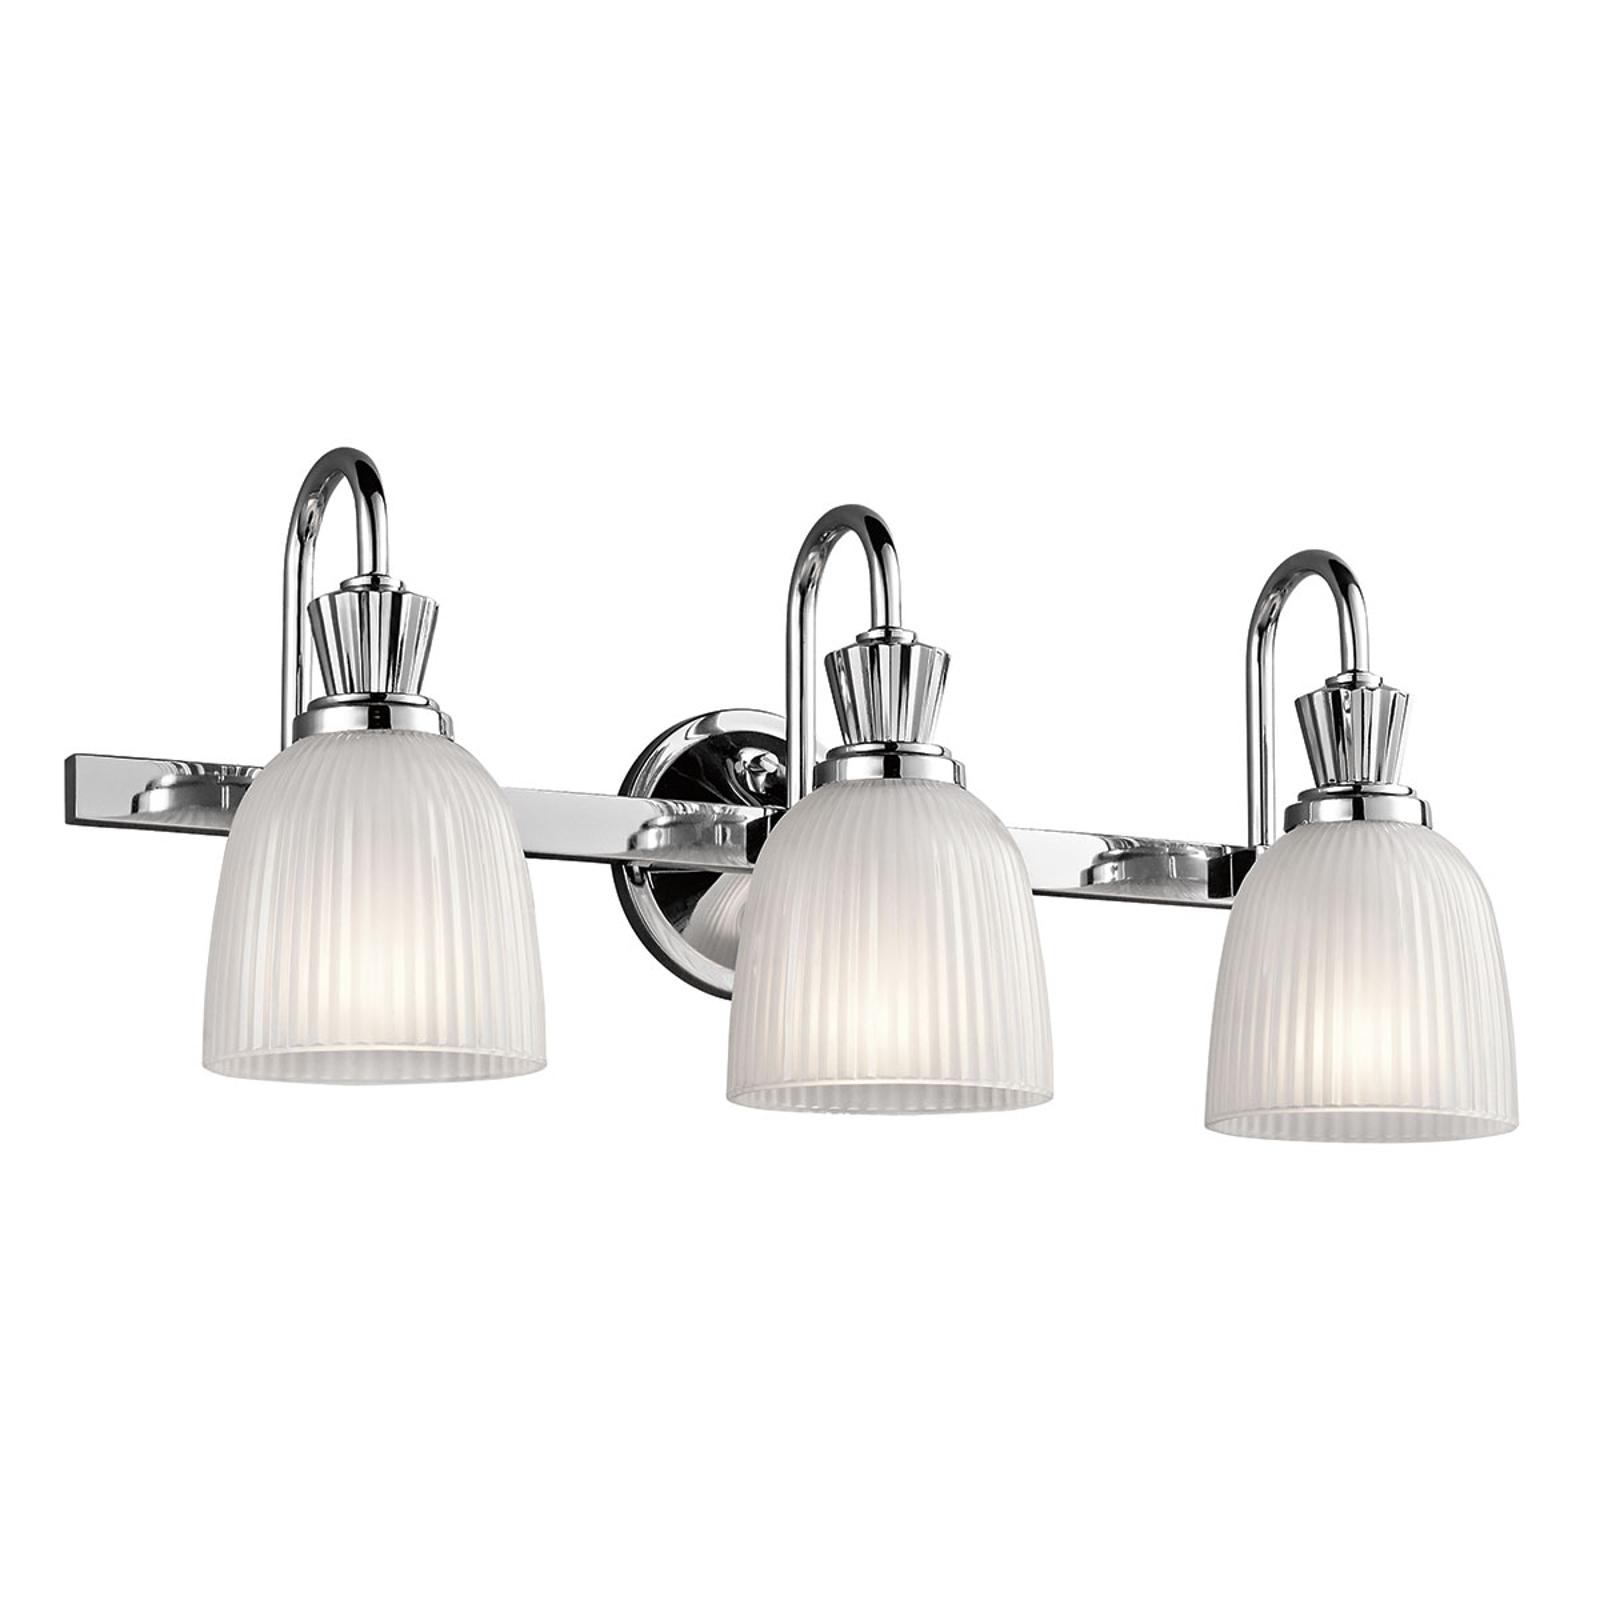 Cora LED-baderomslampe med 3 lyskilder